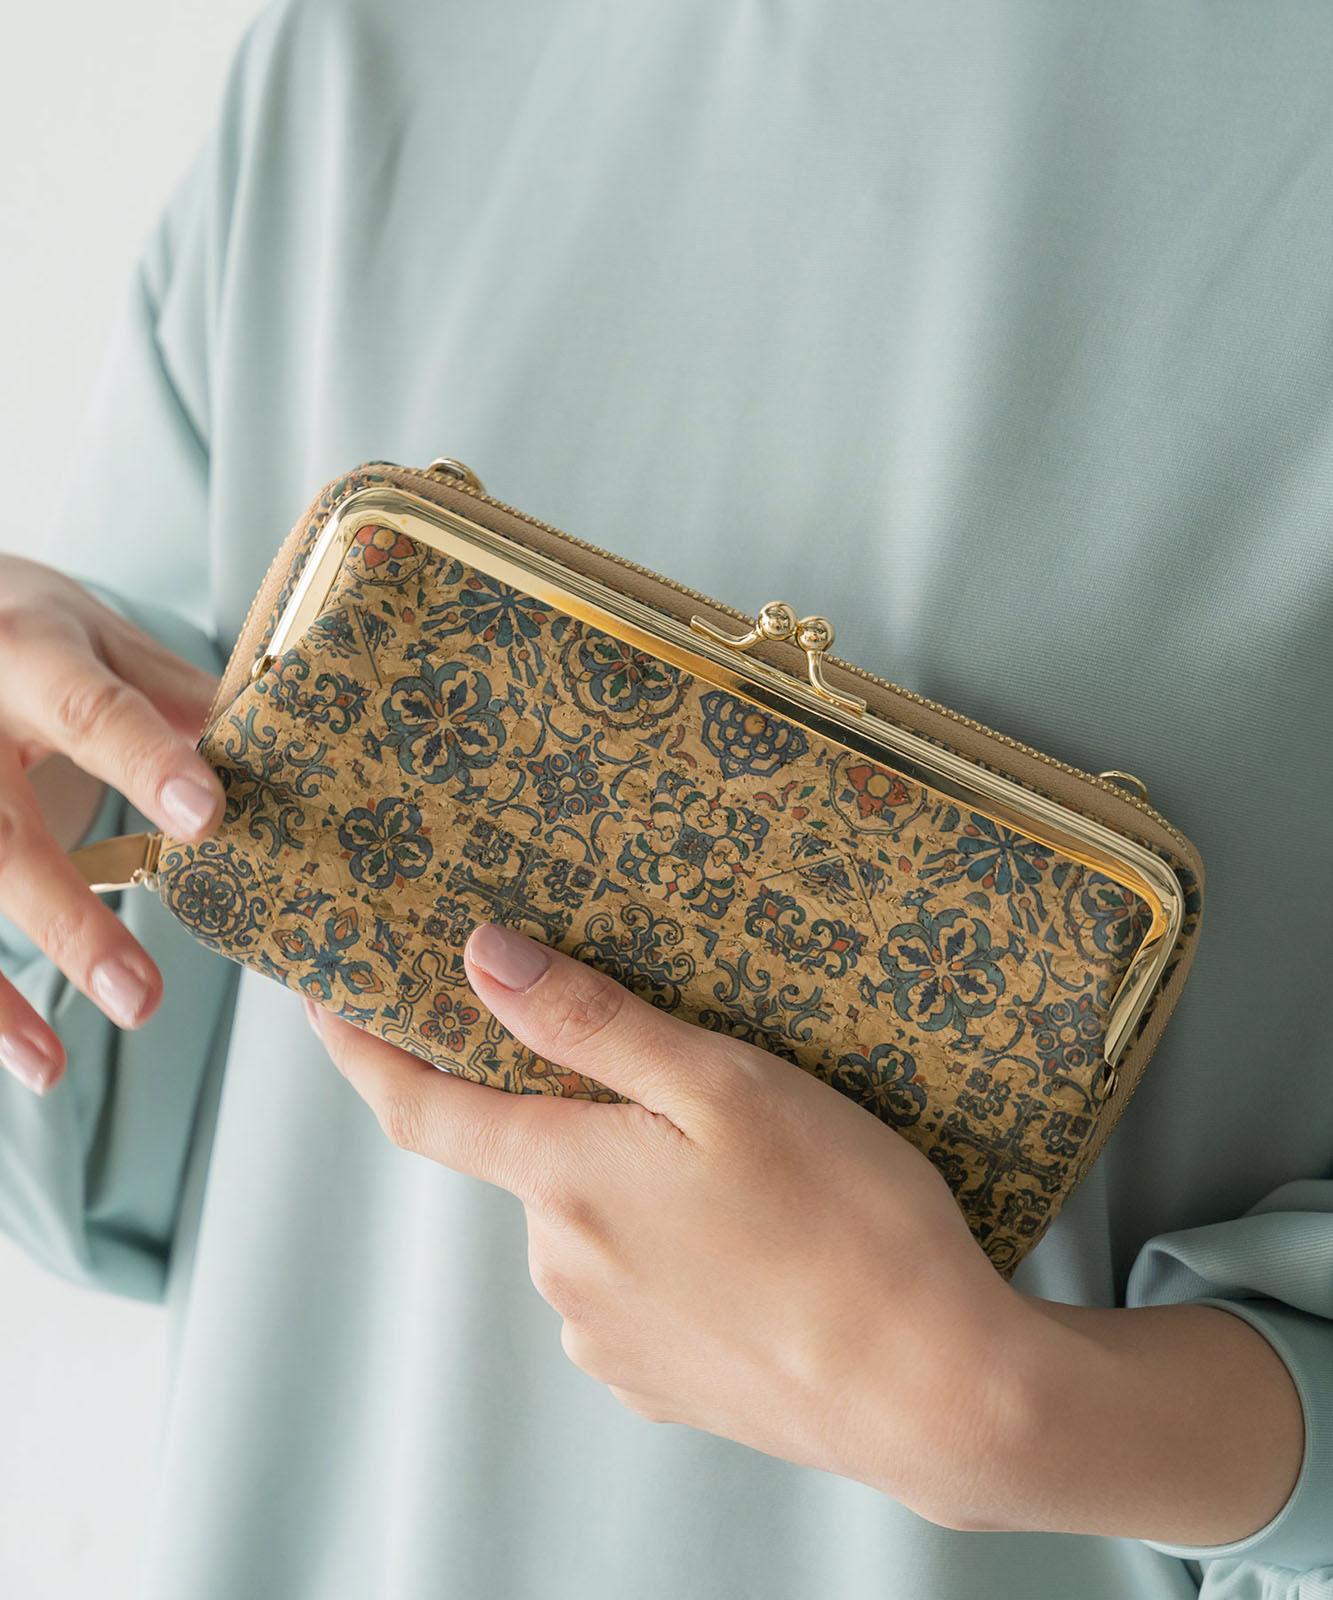 がま口付きコルクお財布ポシェット